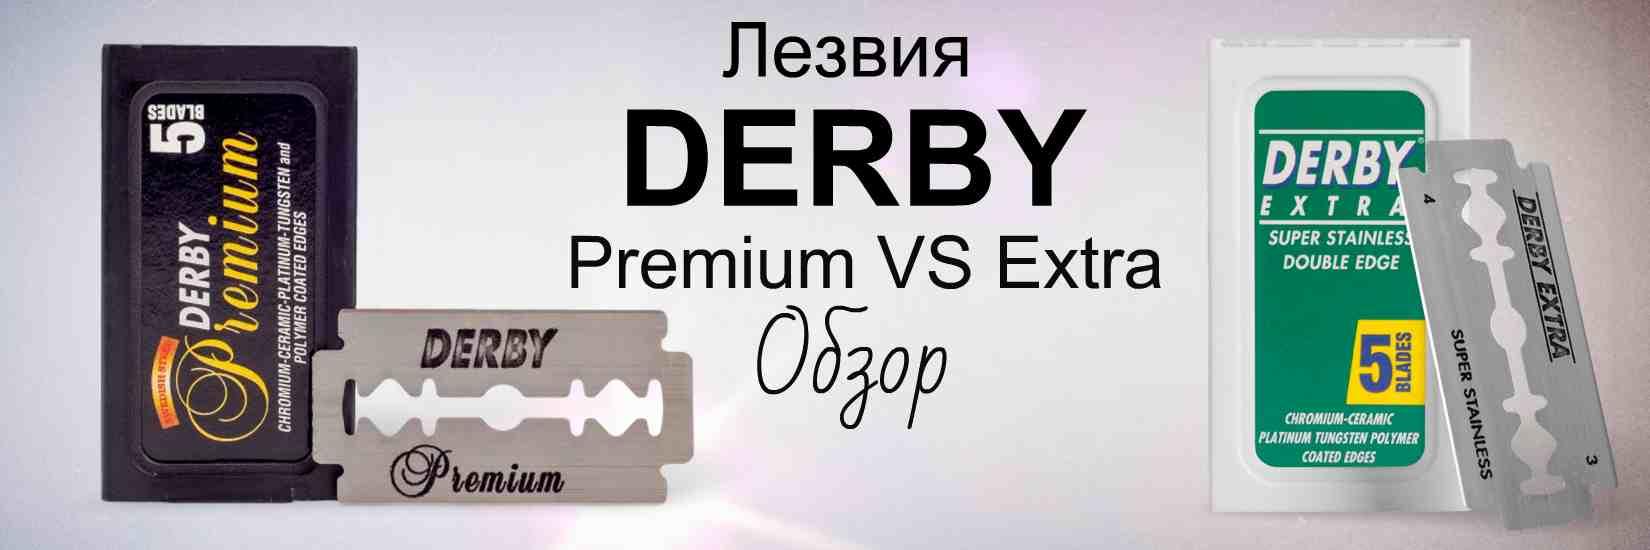 Сравнение лезвий Derby Premium и Derby Extra